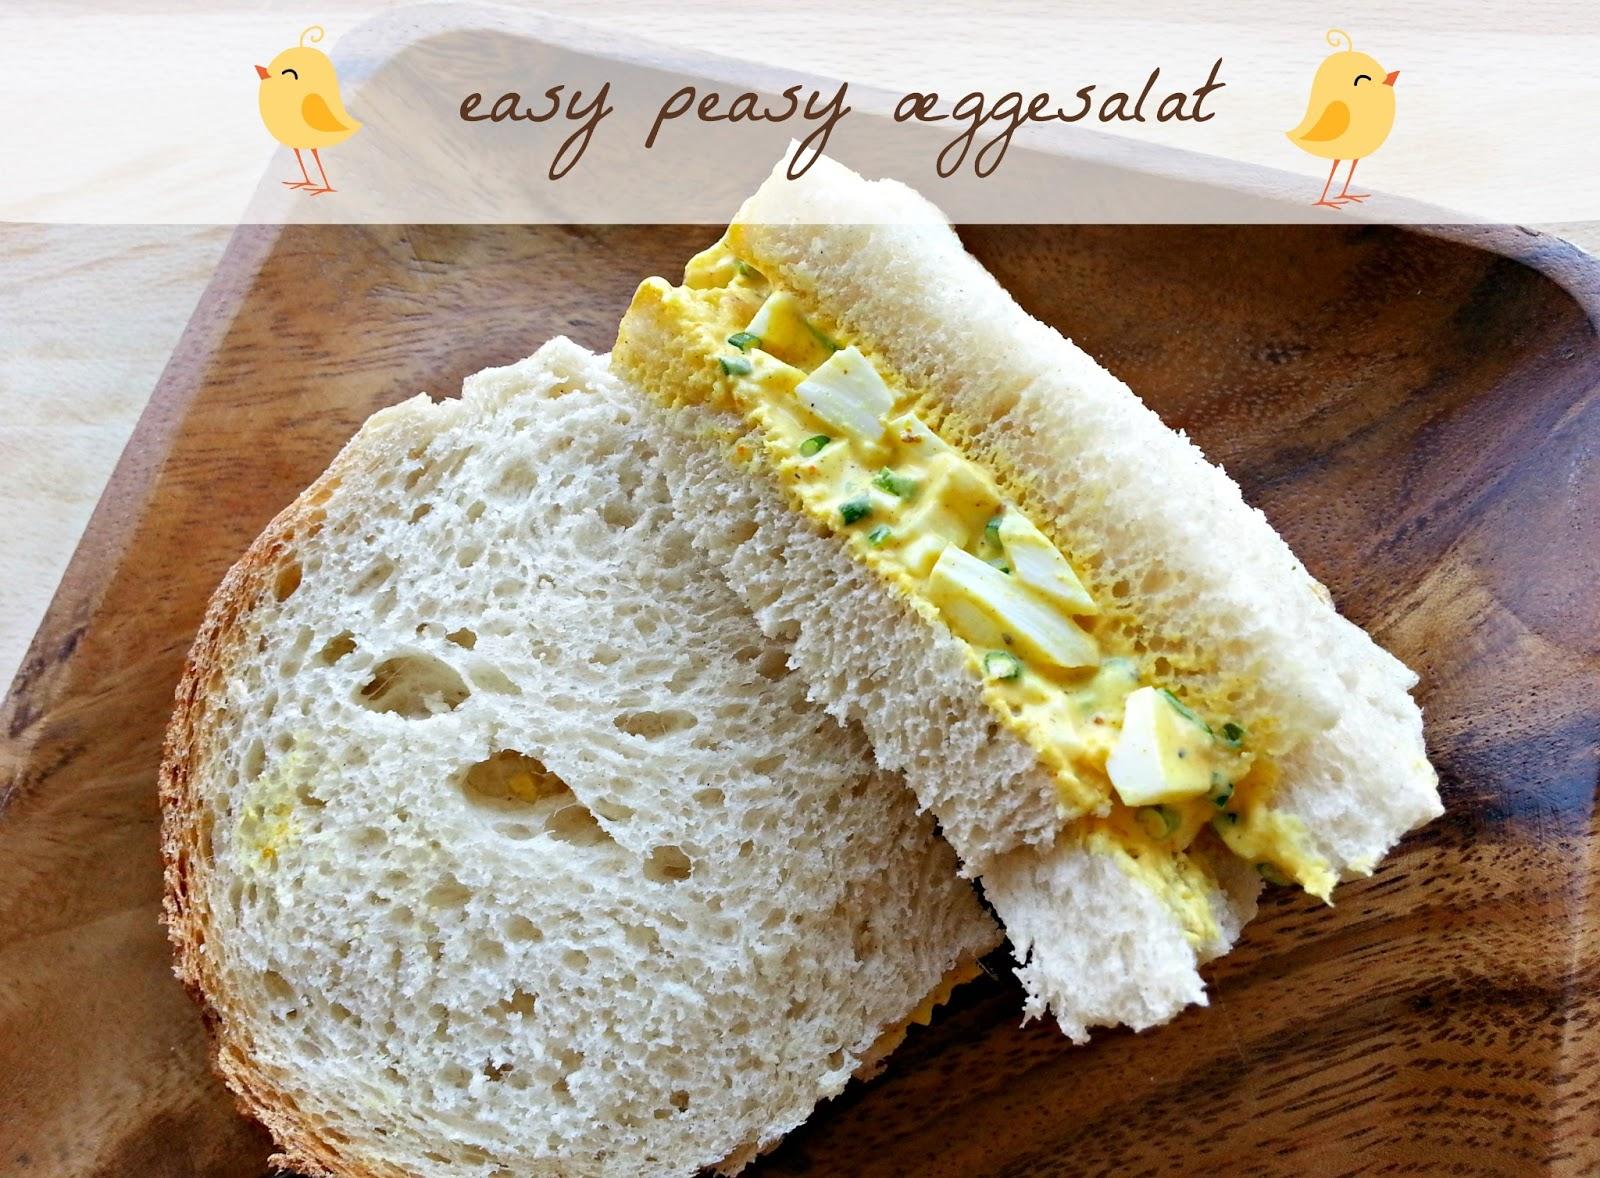 Easy peasy æggesalat=